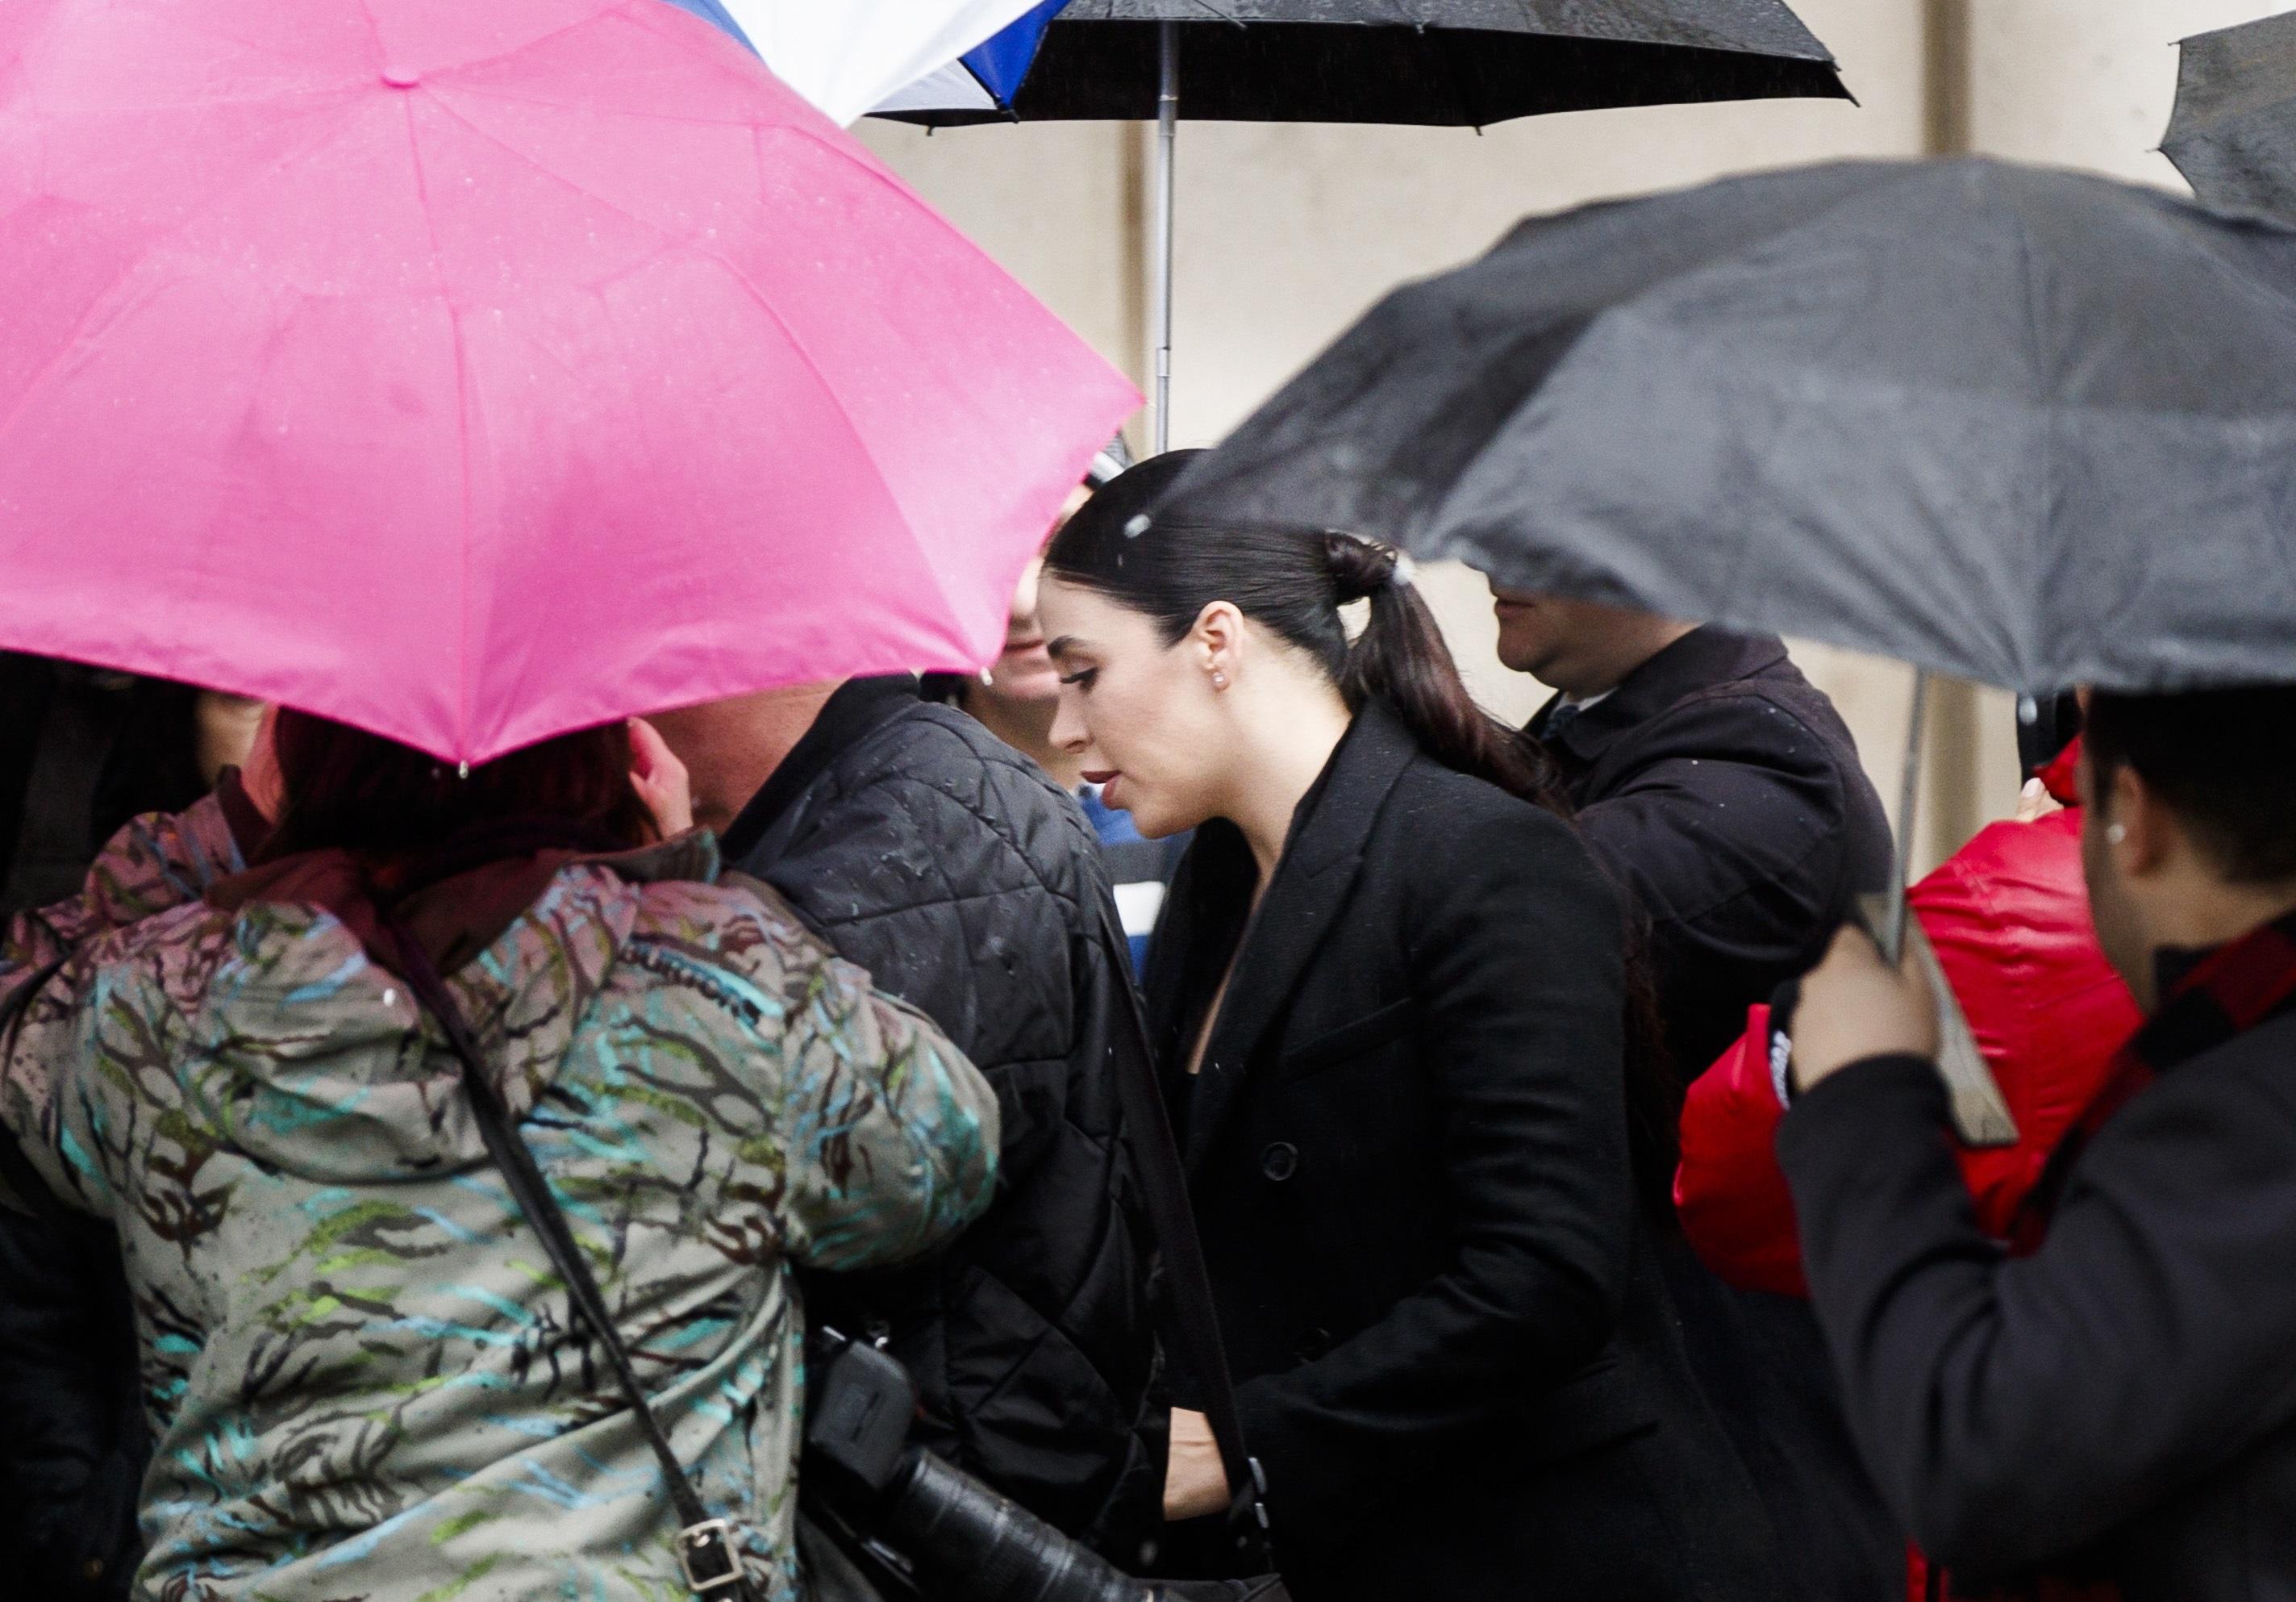 """29-годишната Ема Коронел, бивша кралица на красотата, пристигна в съда в Бруклин, където започна процеса срещу сочения за особено жесток и за най-големия наркодилър в света Хоакин """"Ел Чапо"""" Гусман.  Ема Коронел Айспоро, родена в Америка, се омъжва за мексиканския наркобарон през 2007 г.  Родена на 3 юли 1989 г. в Калифорния, САЩ,смята се, че чичо й е бил убит от доверен на Ел Чапо. Той казва, че се е влюбил в Ема Корнел, когато я е видял в конкурса за красота през 2007 г. Тогава тя е била на 17 години. Той използвал влиянието си, за да спечели. Година по-късно се женят."""